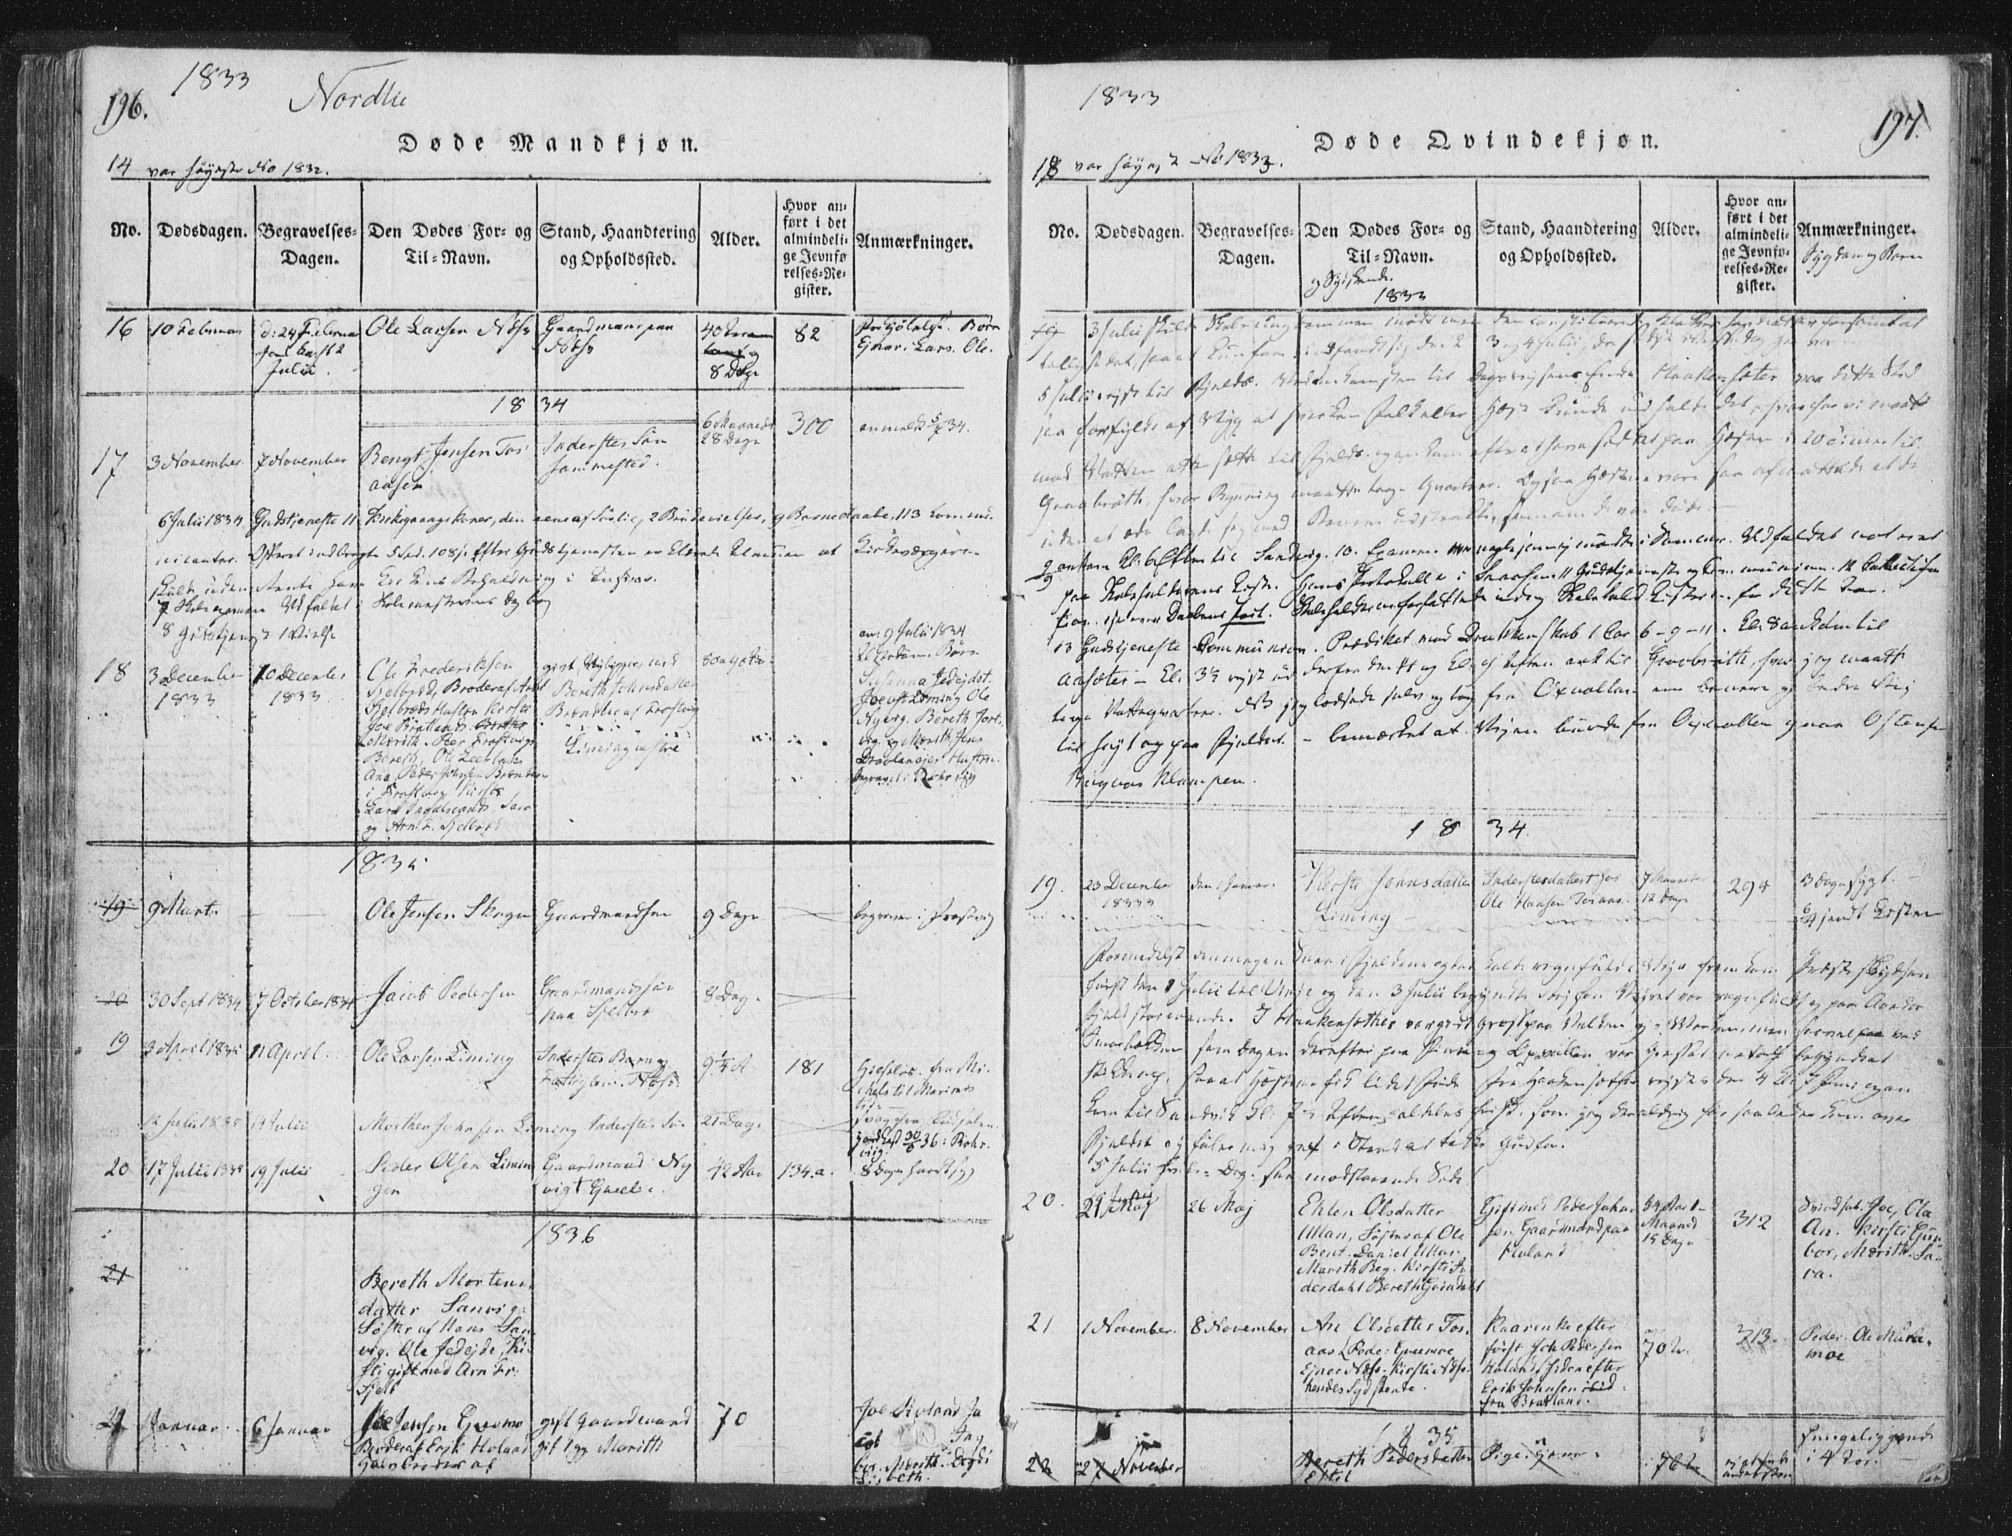 SAT, Ministerialprotokoller, klokkerbøker og fødselsregistre - Nord-Trøndelag, 755/L0491: Ministerialbok nr. 755A01 /1, 1817-1864, s. 196-197